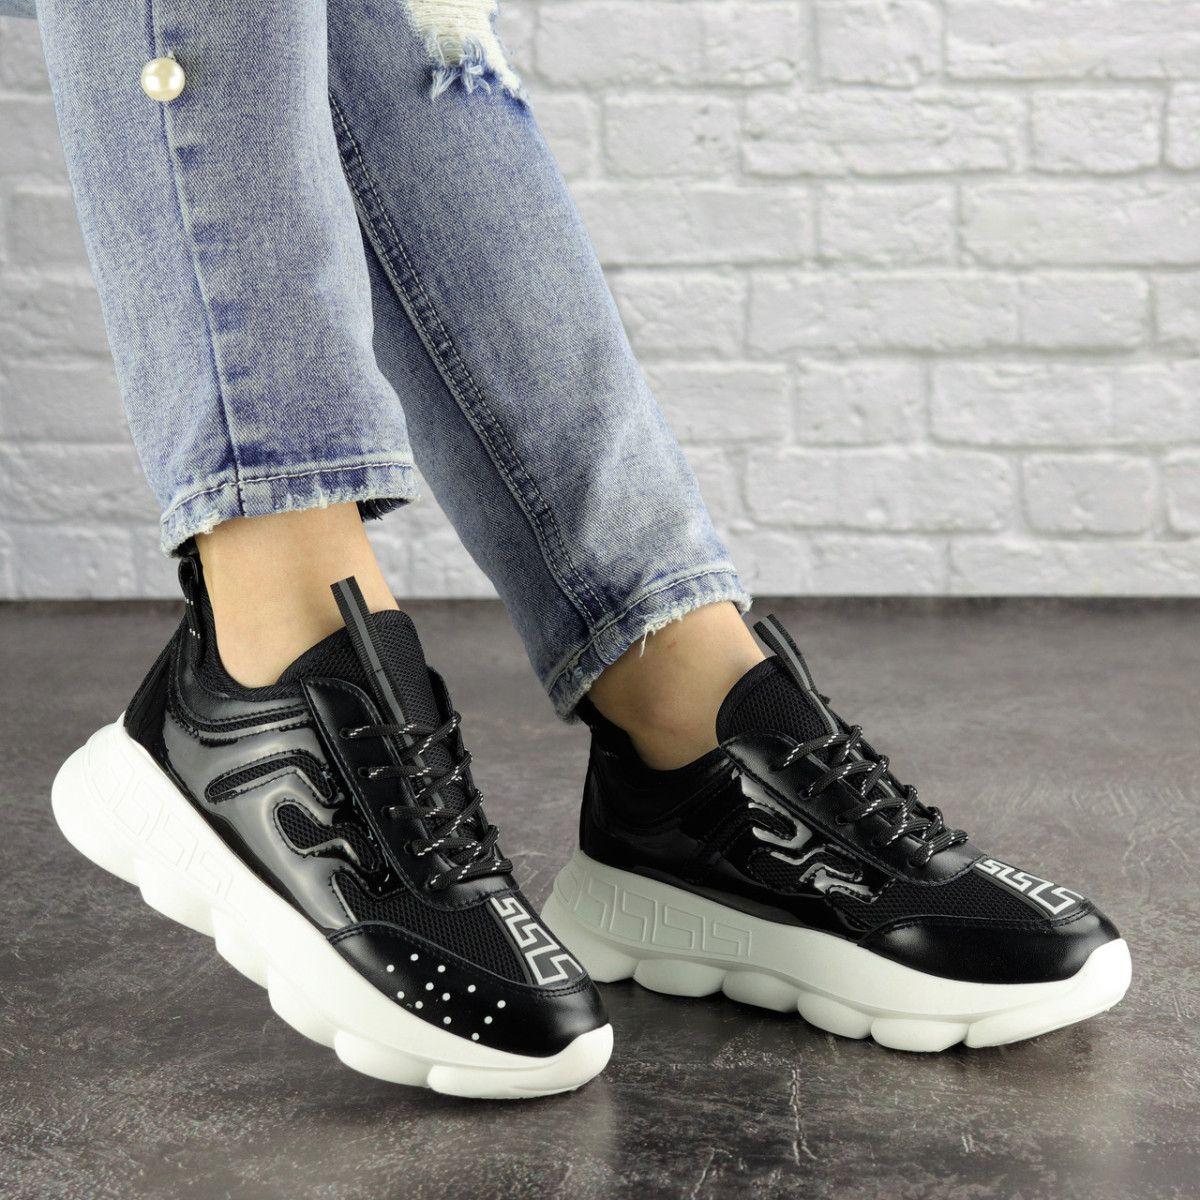 Женские кроссовки Fashion Vince 1679 36 размер 22 см Черный